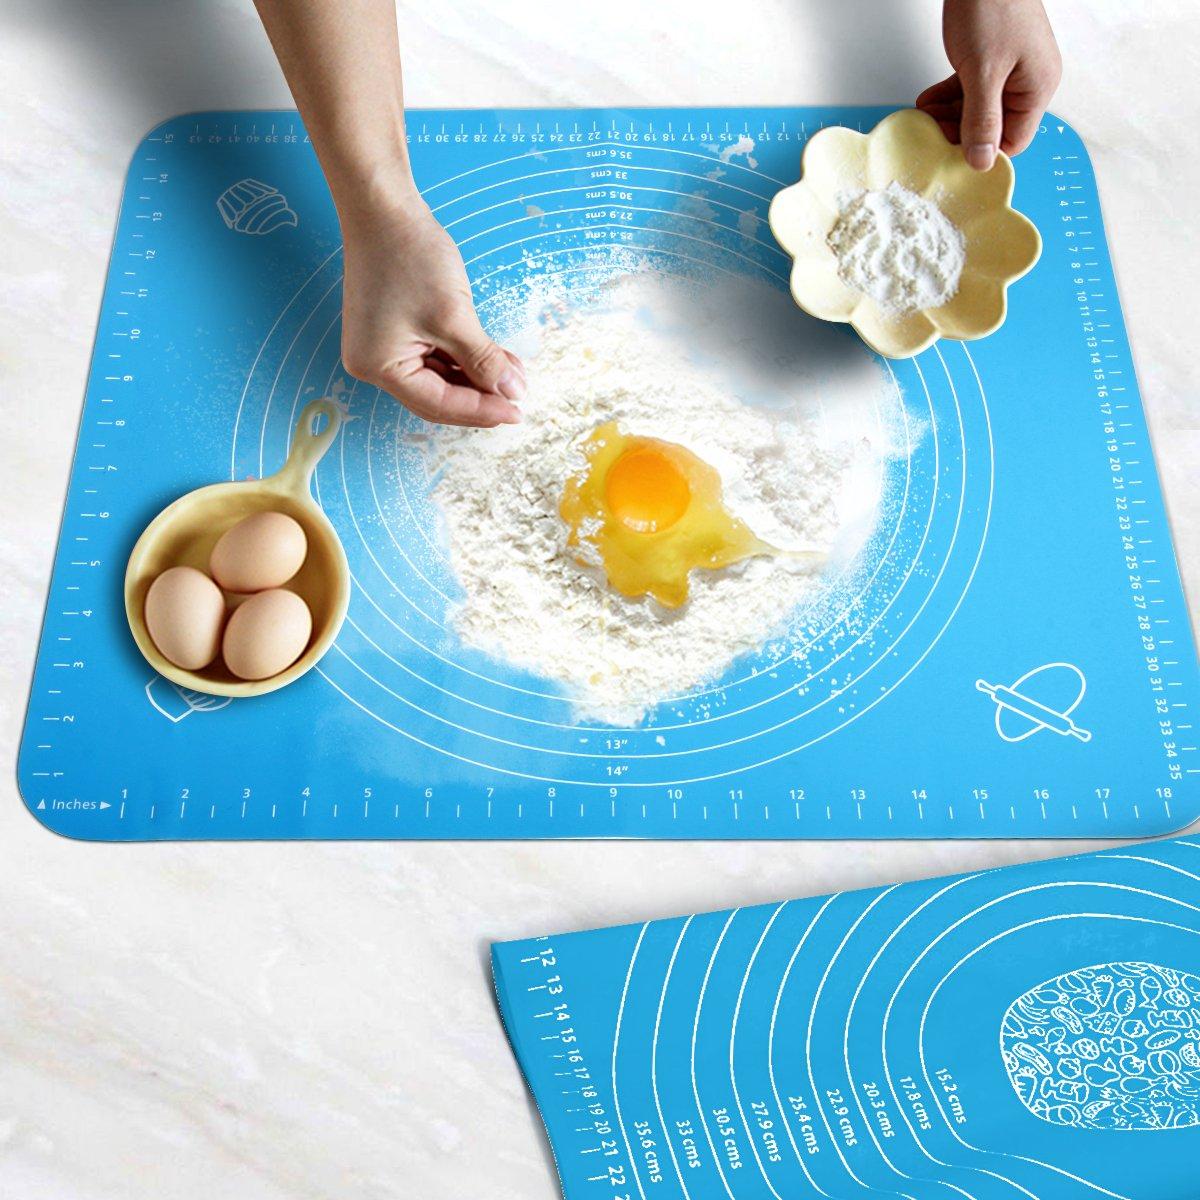 Mga resulta ng larawan para sa silicone baking mats